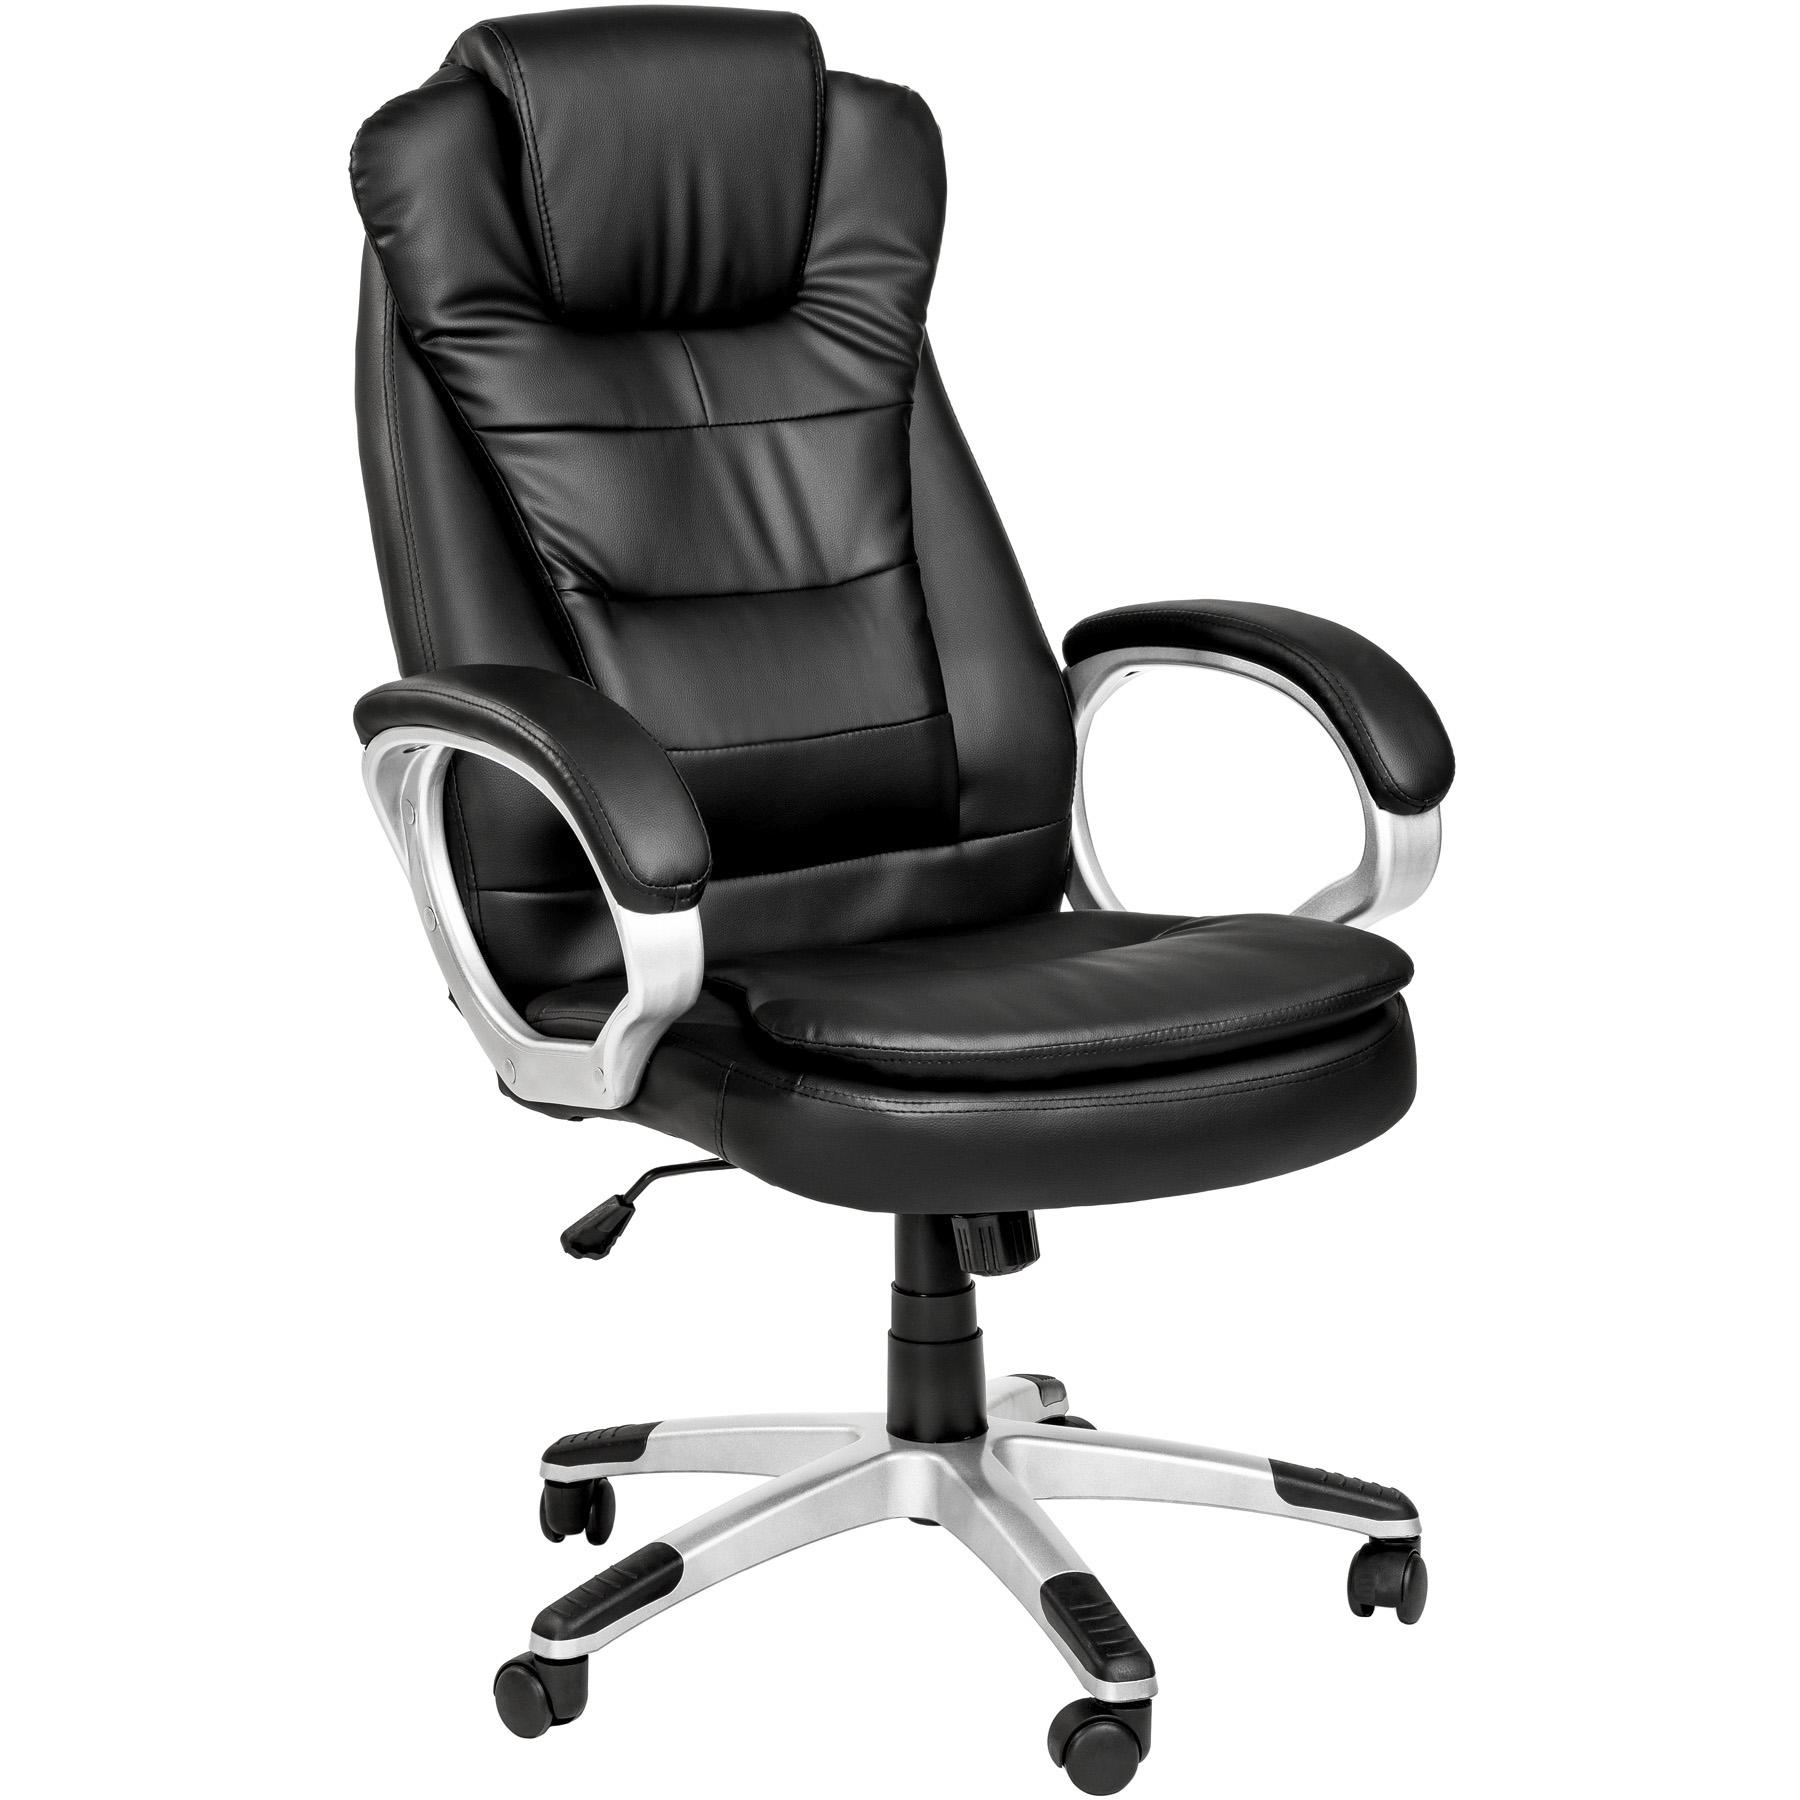 Poltrona sedia ufficio presidenziale con doppia for Sedia ortopedica per ufficio